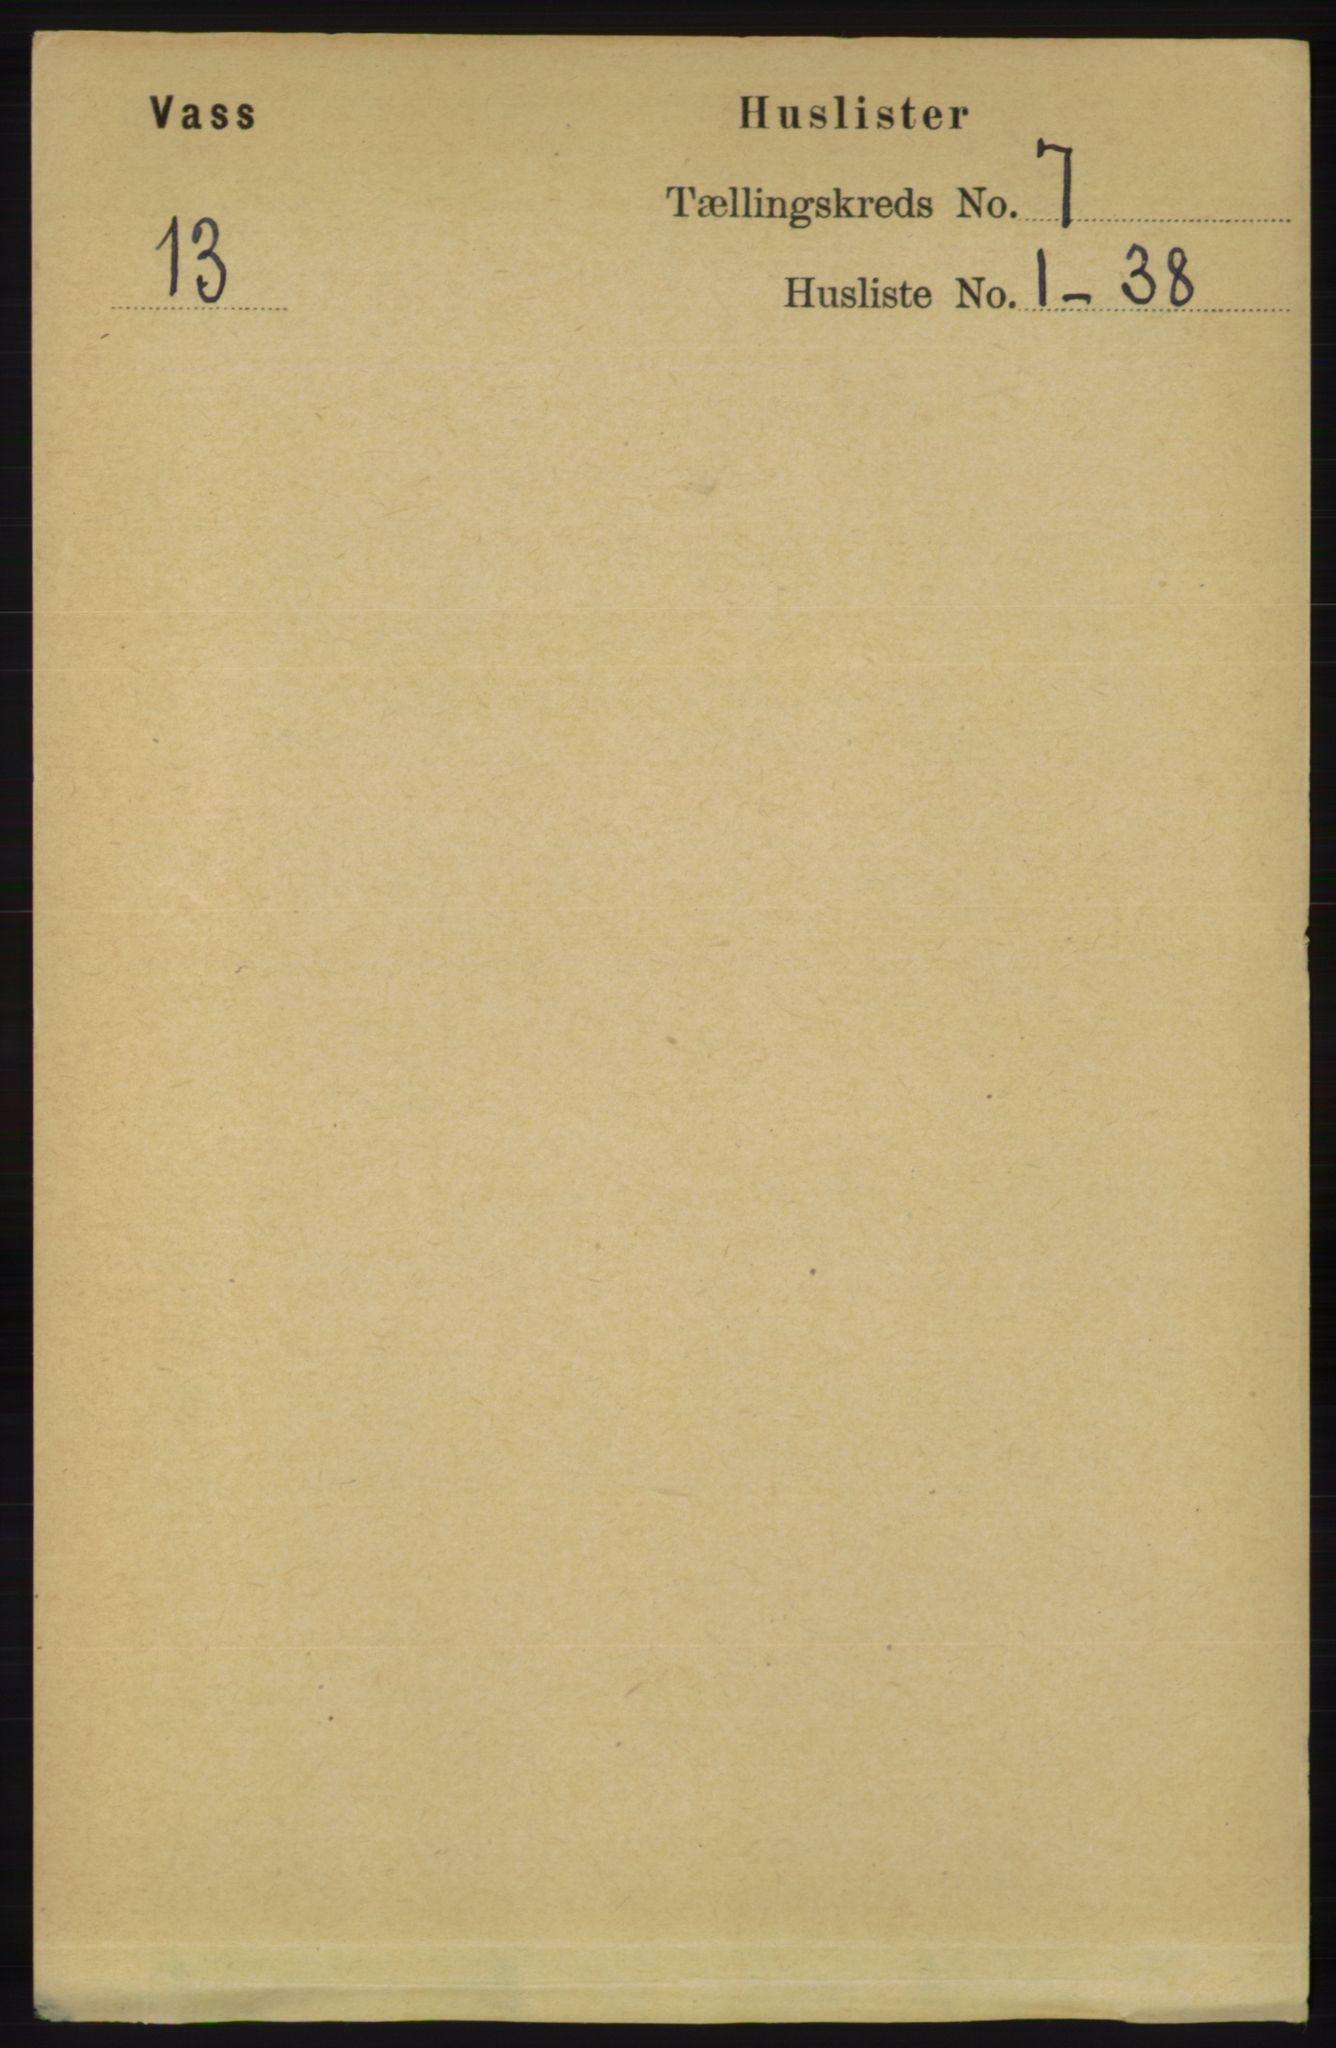 RA, Folketelling 1891 for 1155 Vats herred, 1891, s. 1059